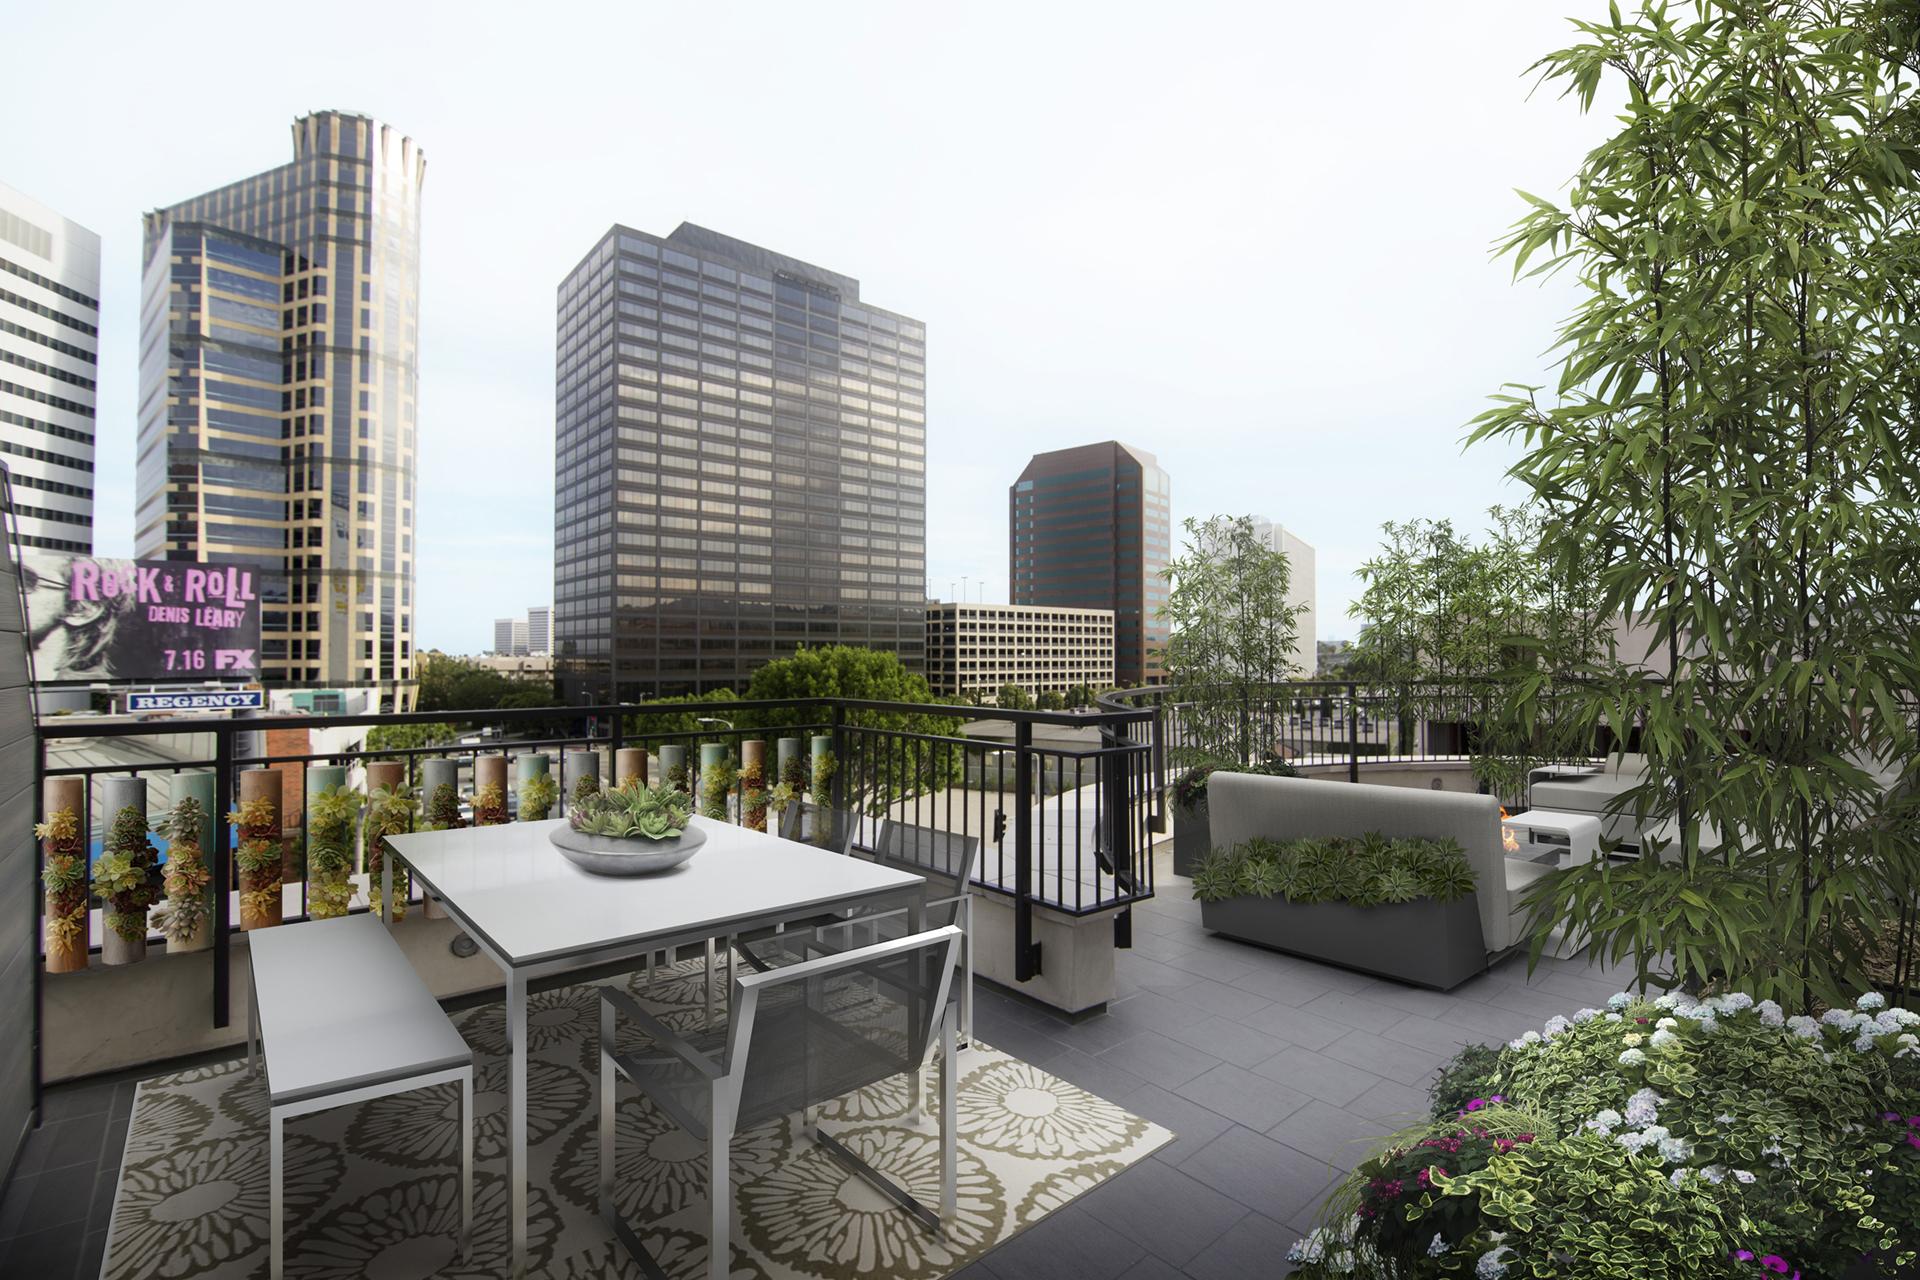 Outdoor Entertainment Rooftop Deck